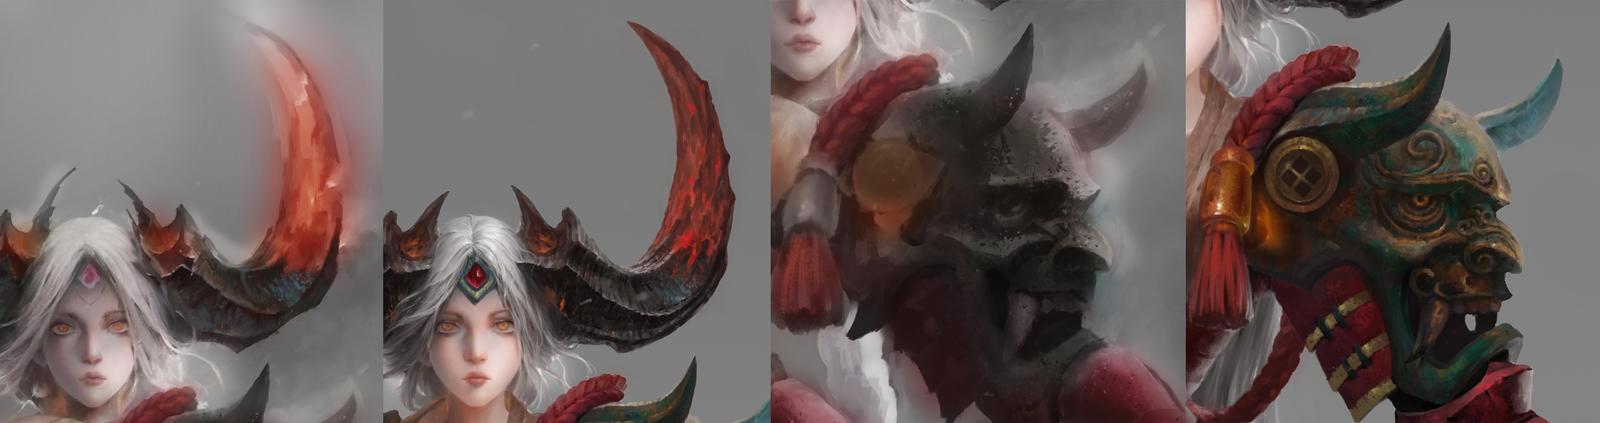 SoulLamp-Walker-detailed by LeeKent